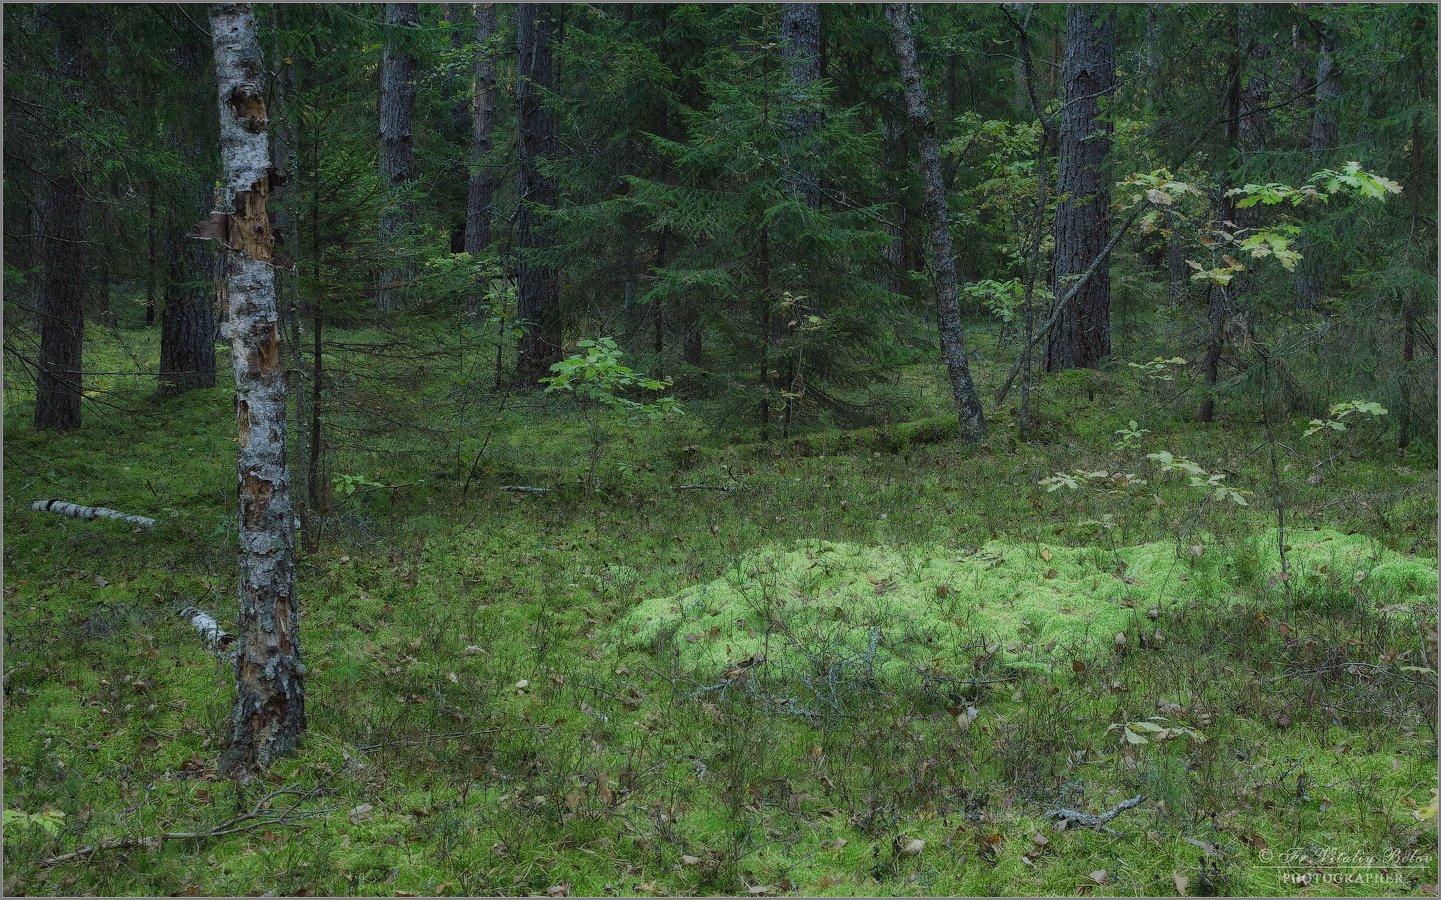 Мшистый лес (снимок сделан 24 сентября 2017 г.)